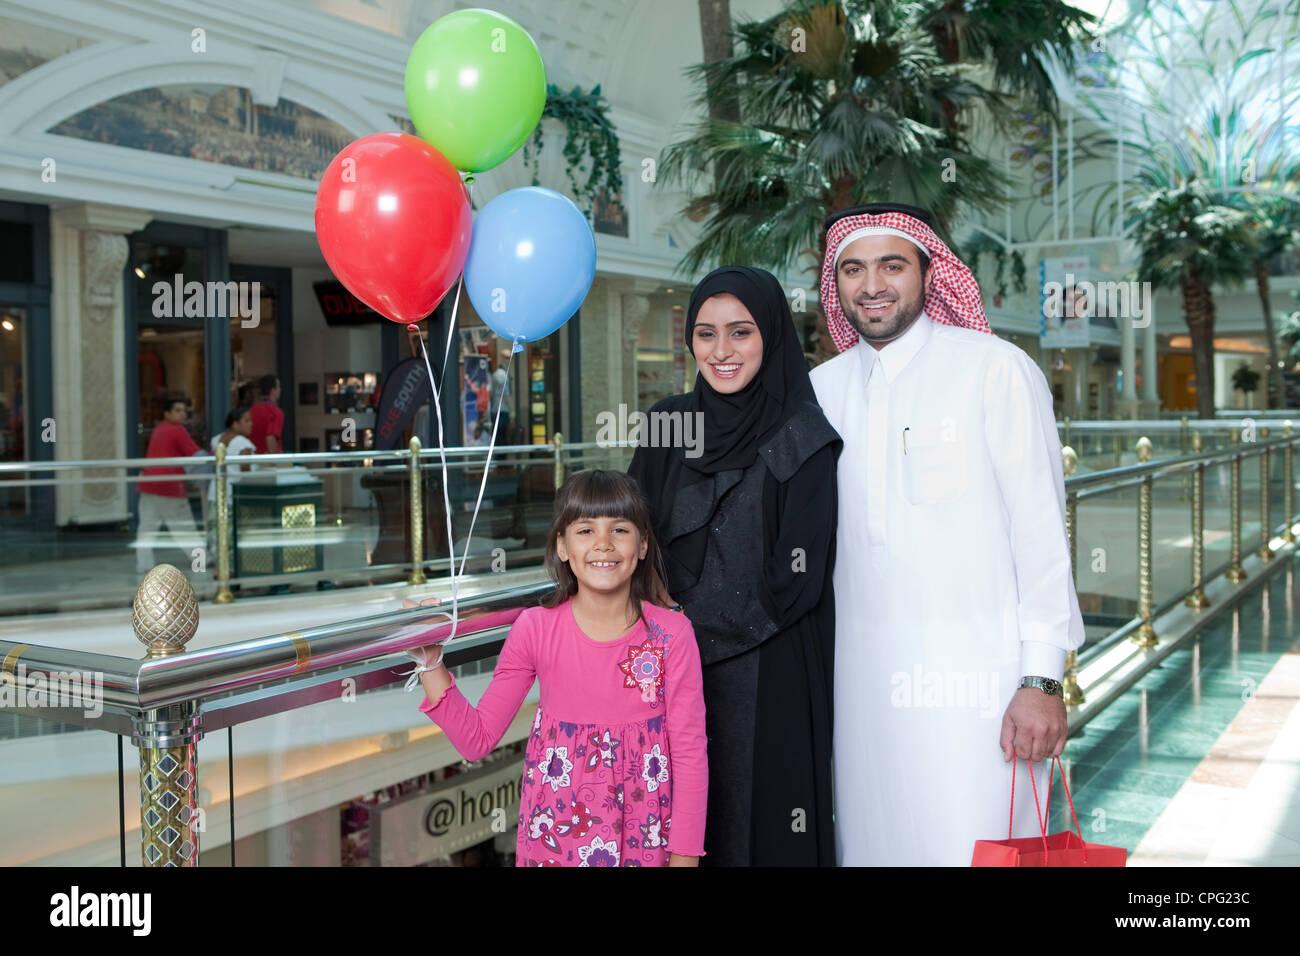 La familia árabe en el shopping mall, Chica sujetando globos. Imagen De Stock